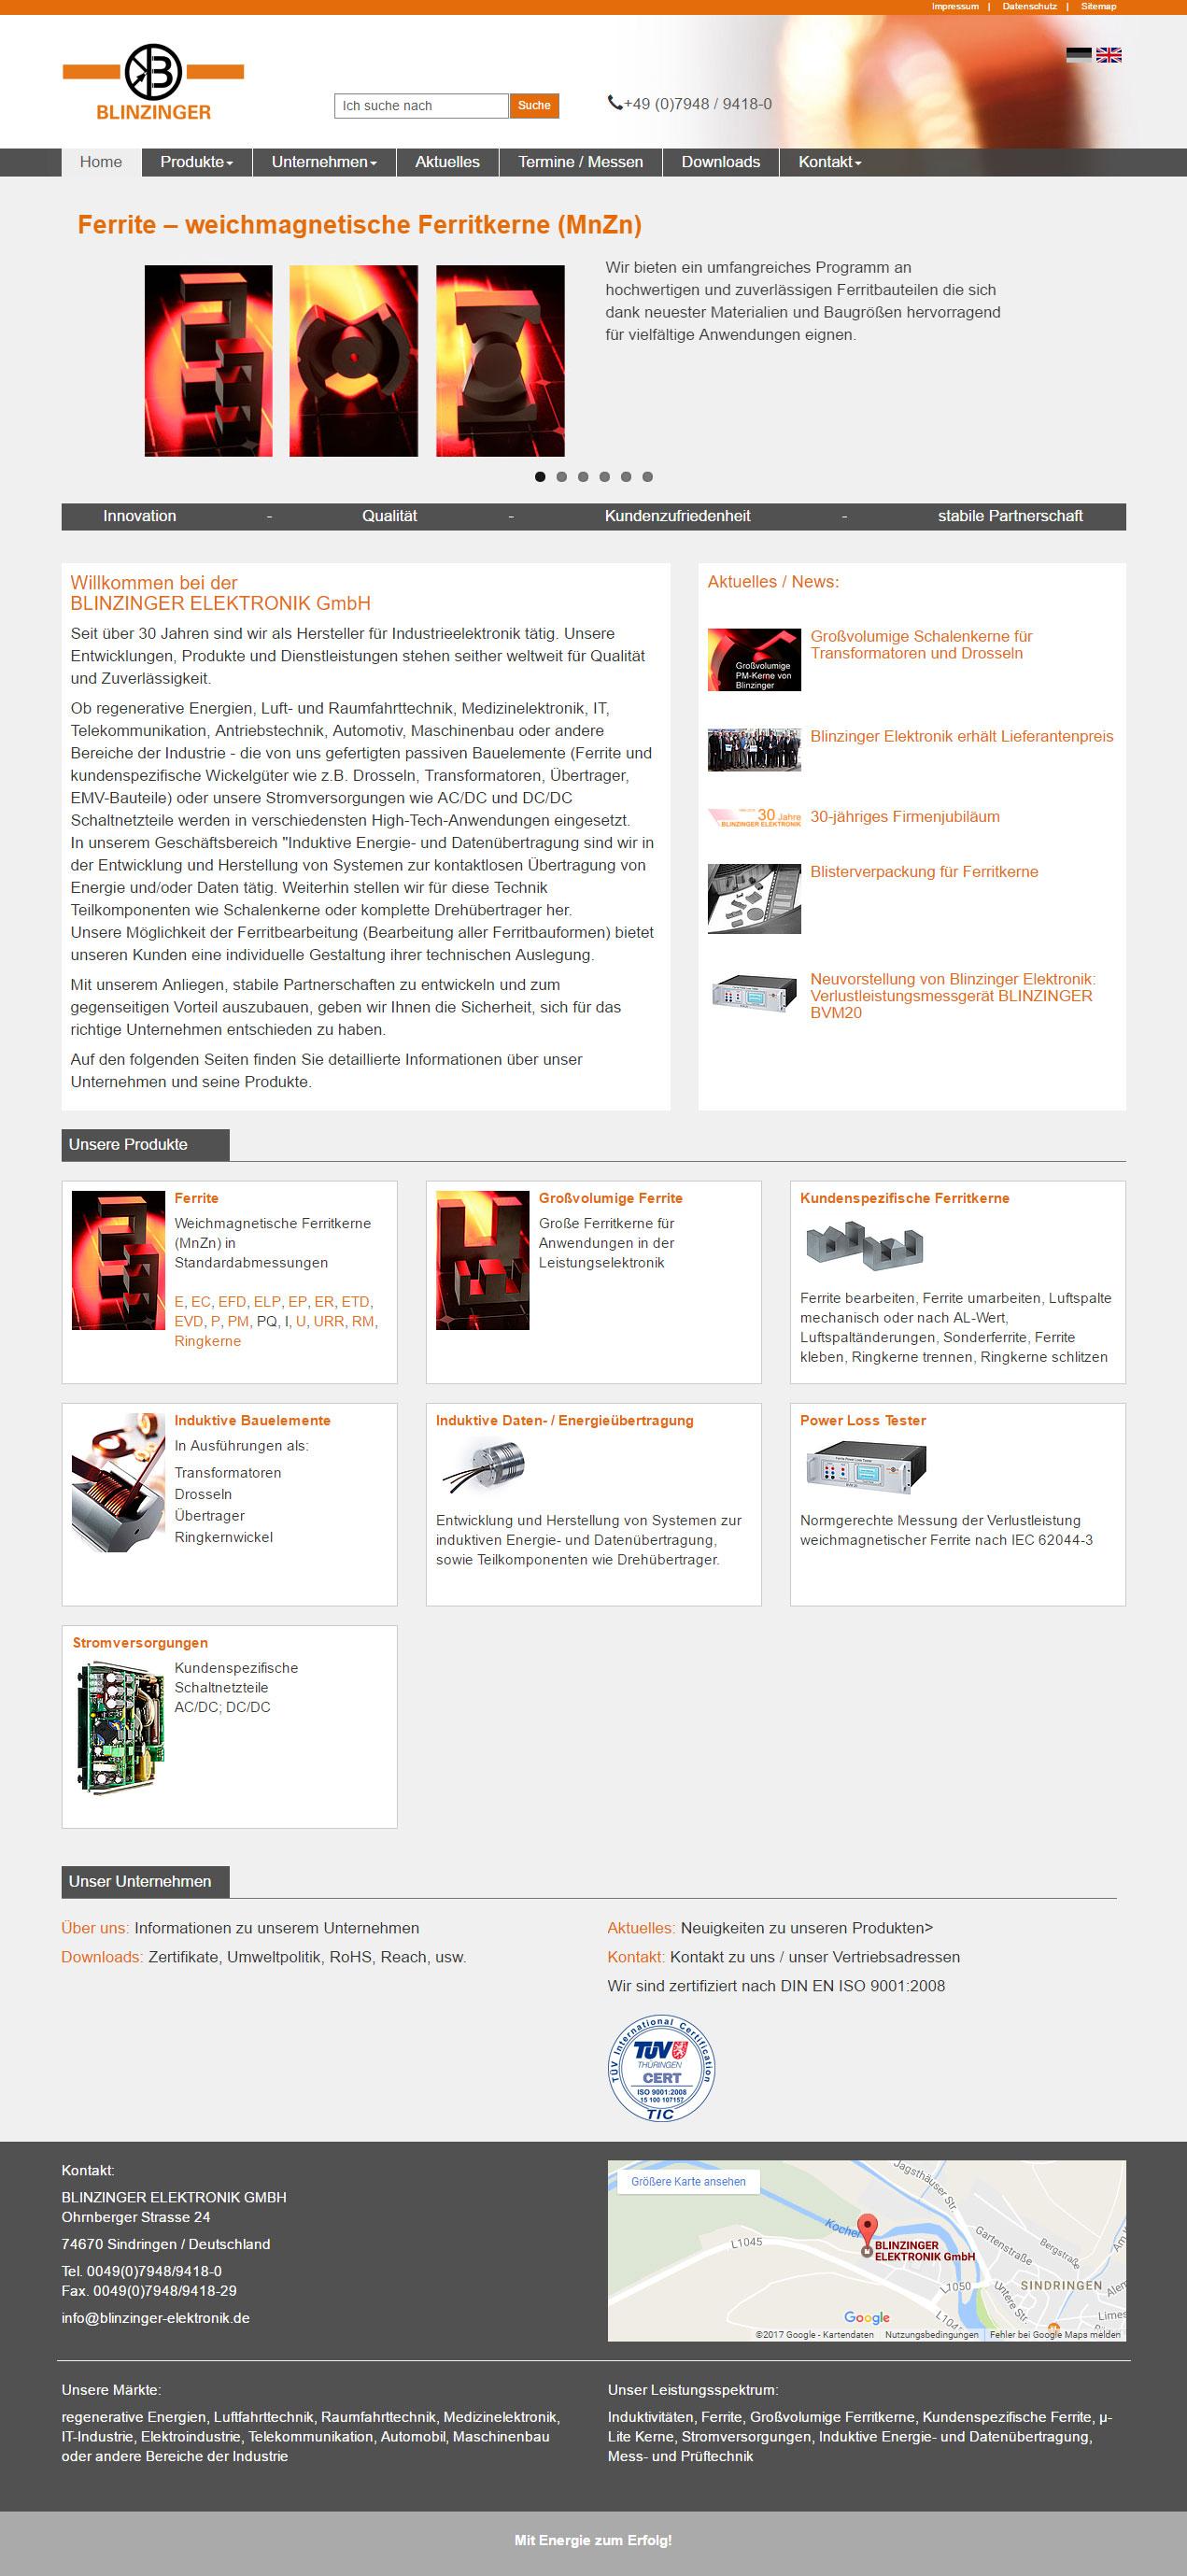 Responsiver Internetauftritt mit TYPO3 - Blinzinger Elektronik GmbH